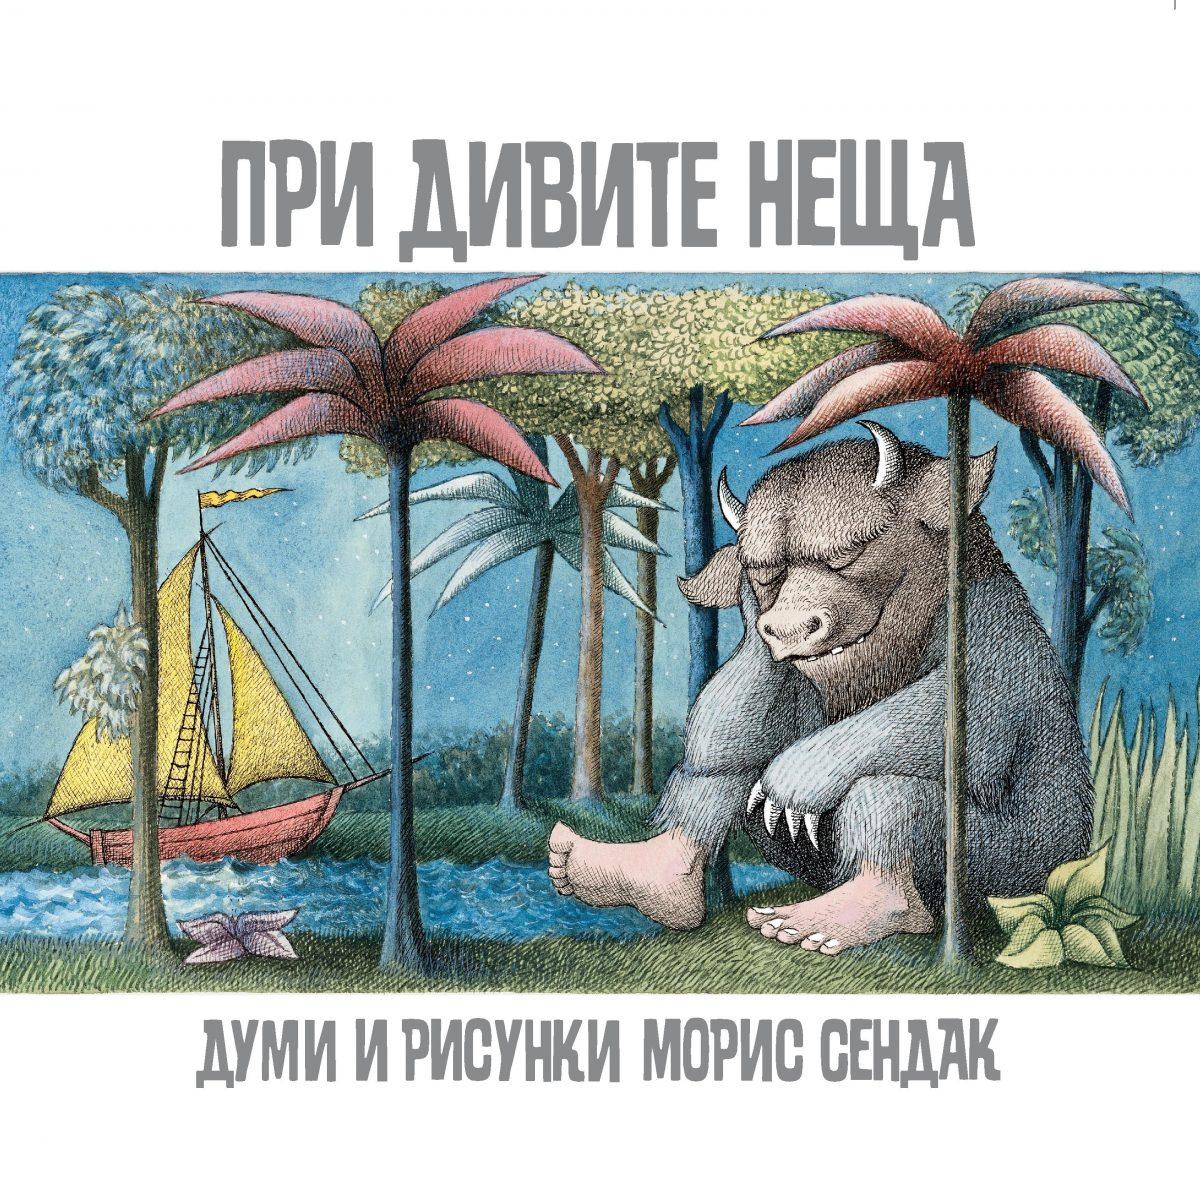 Култовата книга Морис Сендак излиза за първи път в България (корица)